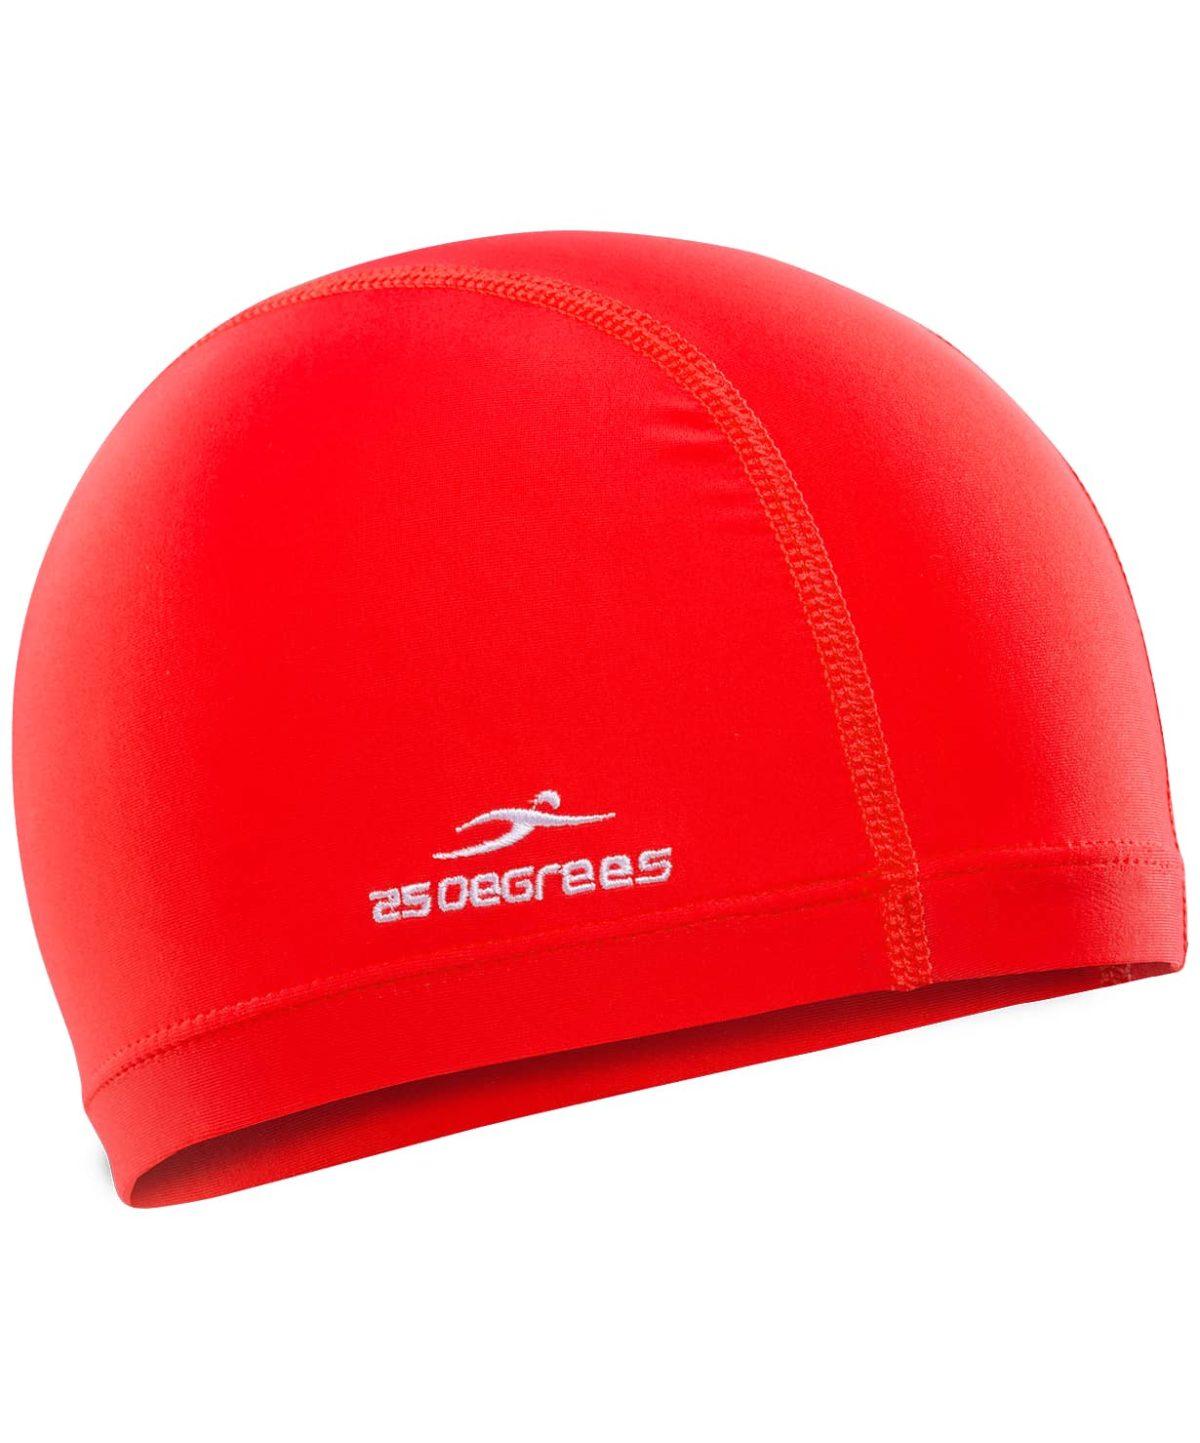 25DEGREES Шапочка для плавания Essence, полиамид, детская 25D15-ES-22-32-0: красный - 1